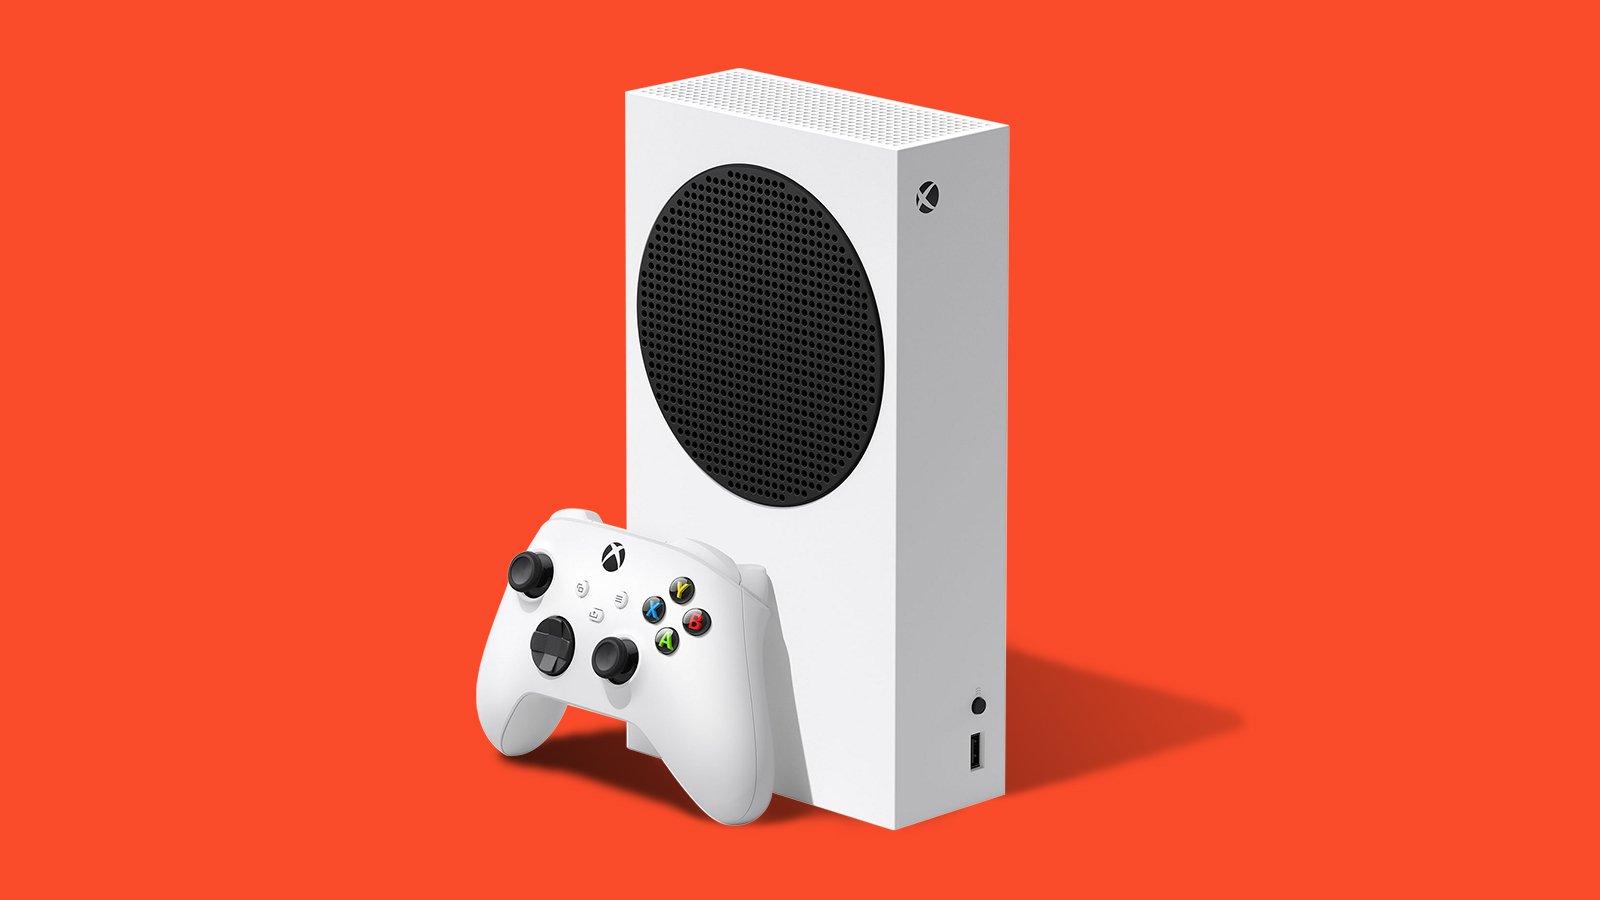 Review: xbox series s é a porta de entrada pra próxima geração de videogames. Trazendo todo o poderio da nova geração de consoles, o xbox series s traz um design compacto e preço competitivo para os fãs da microsoft